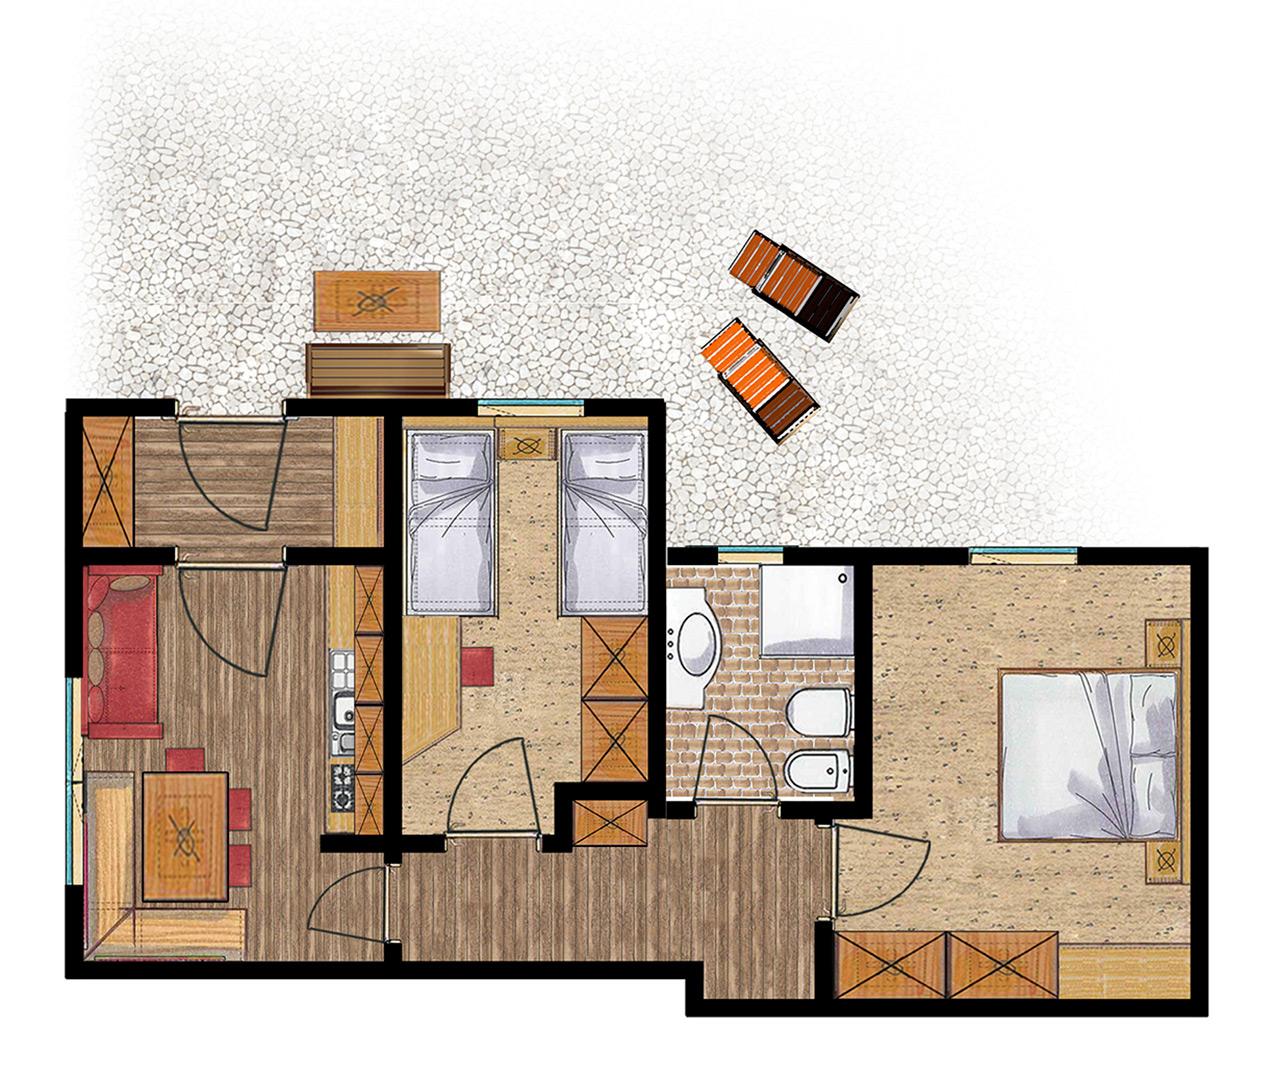 Piantina Appartamento per 2-5 persone